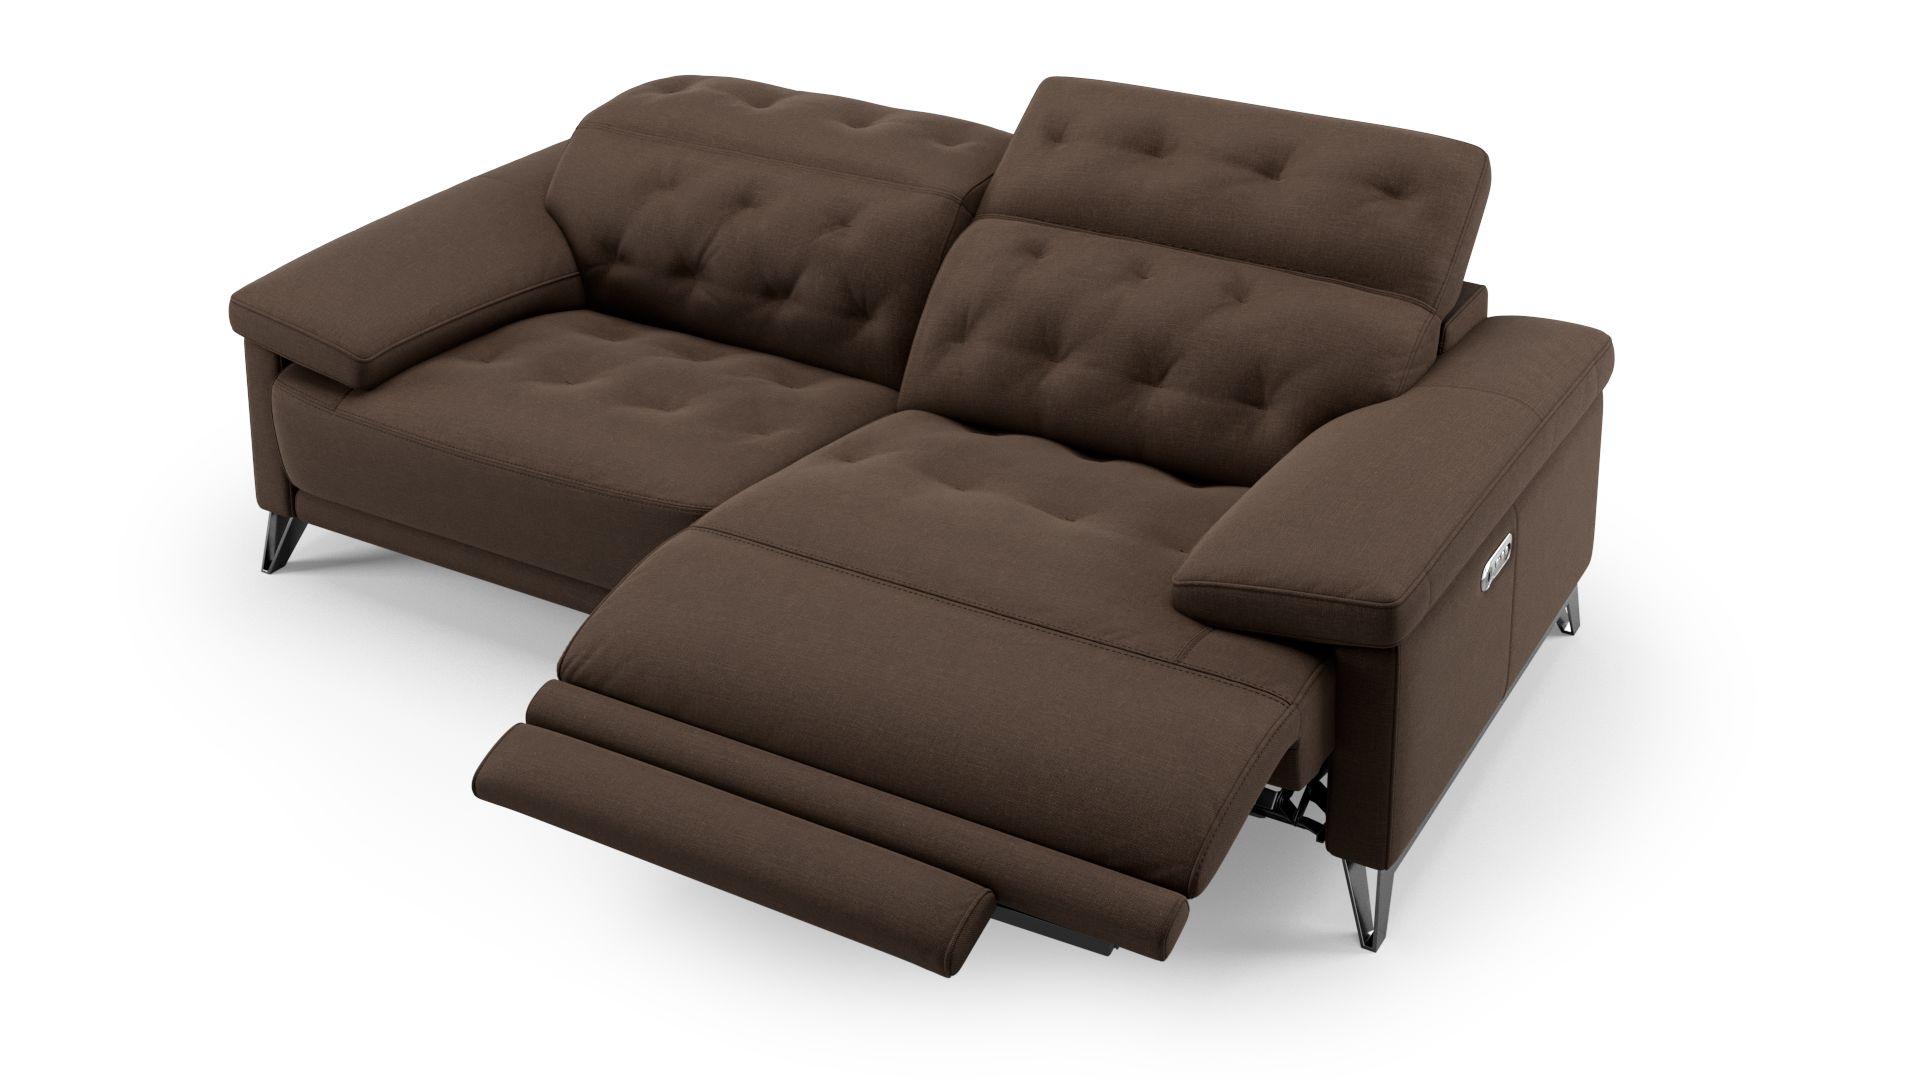 Stoff 2-Sitzer Sofa MATINO